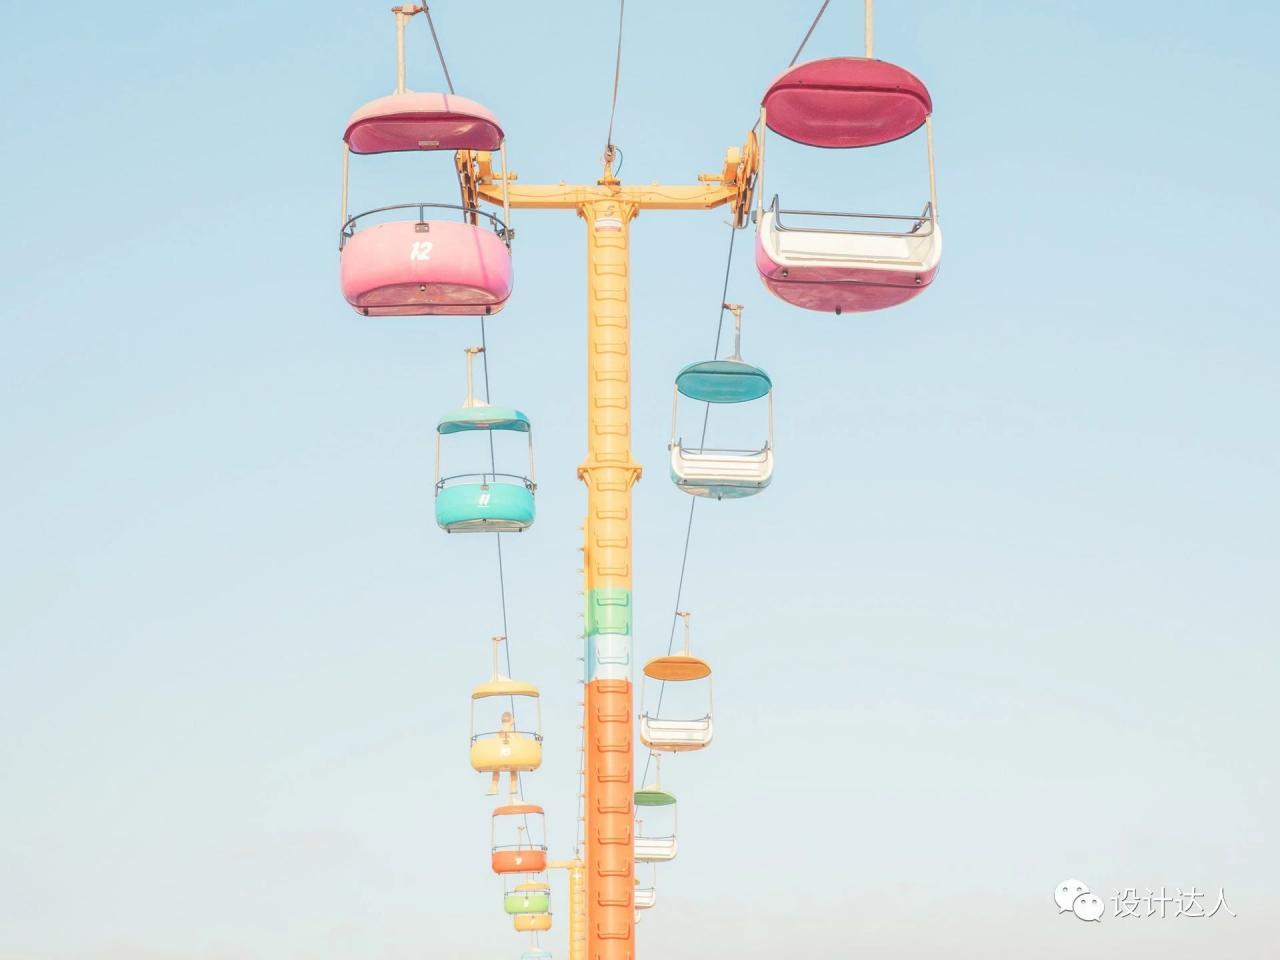 摄影构图完美-春天的颜色-29